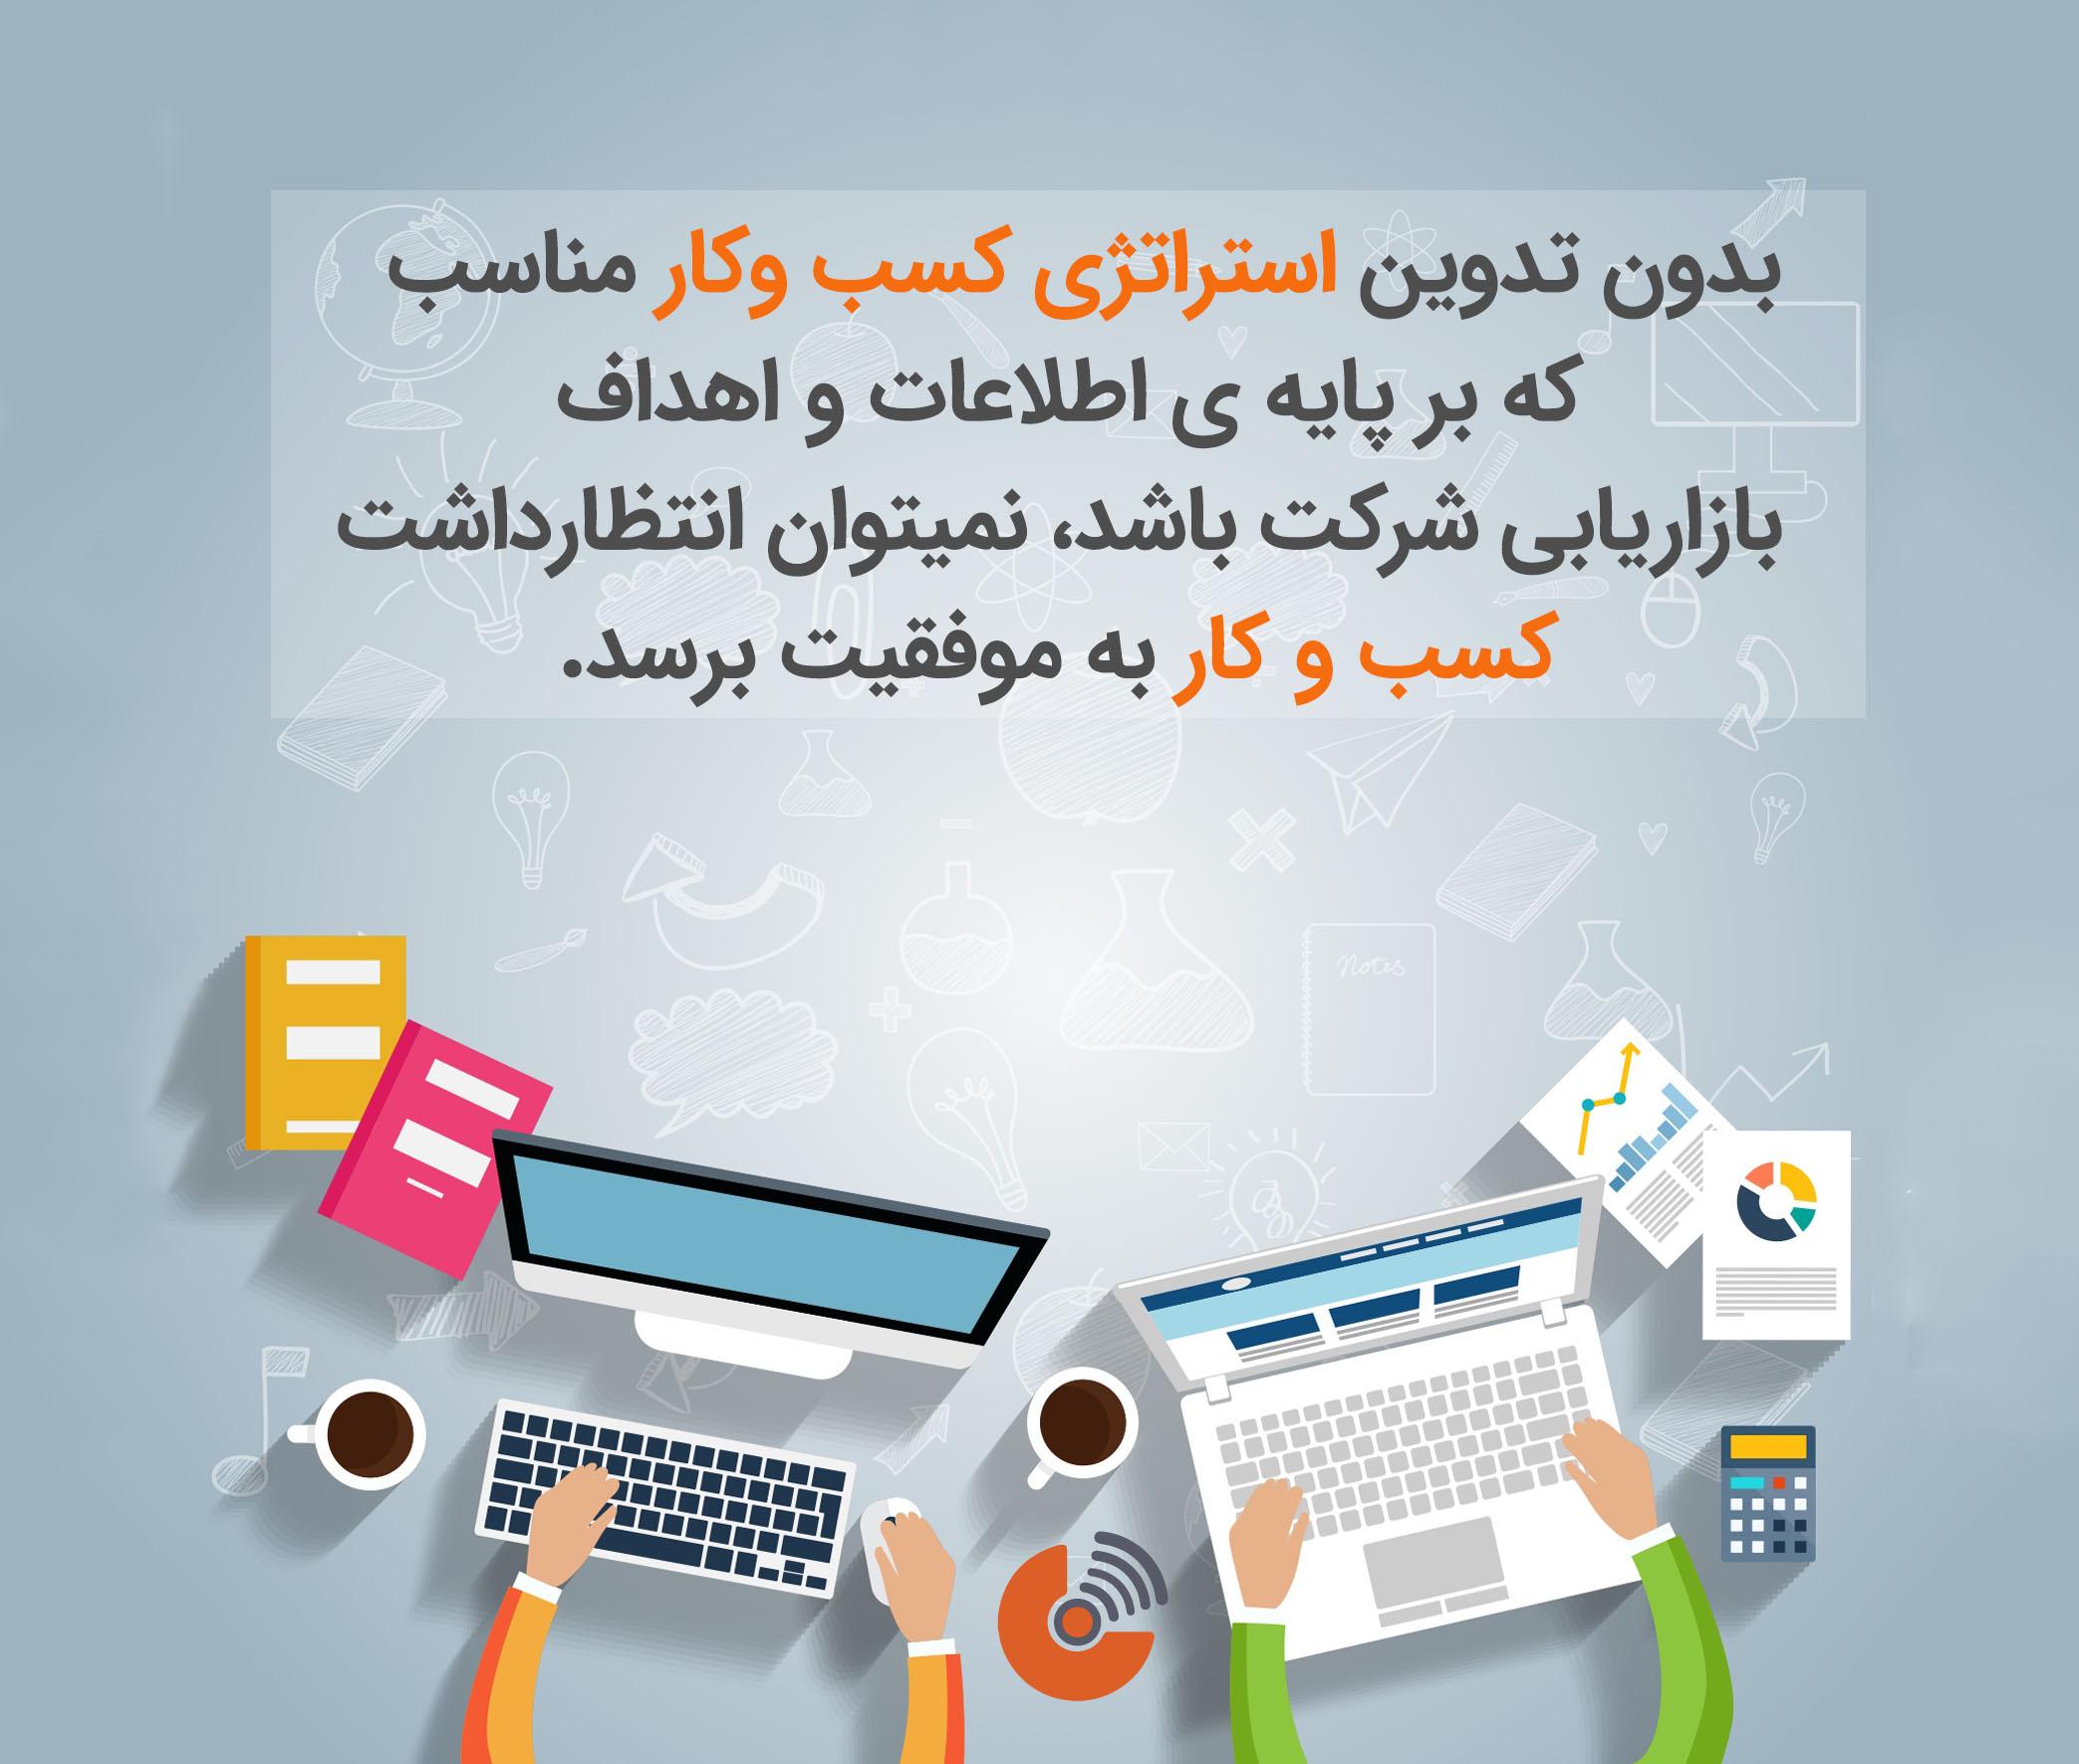 استراتژی کسب و کار - آموزش کسب وکار